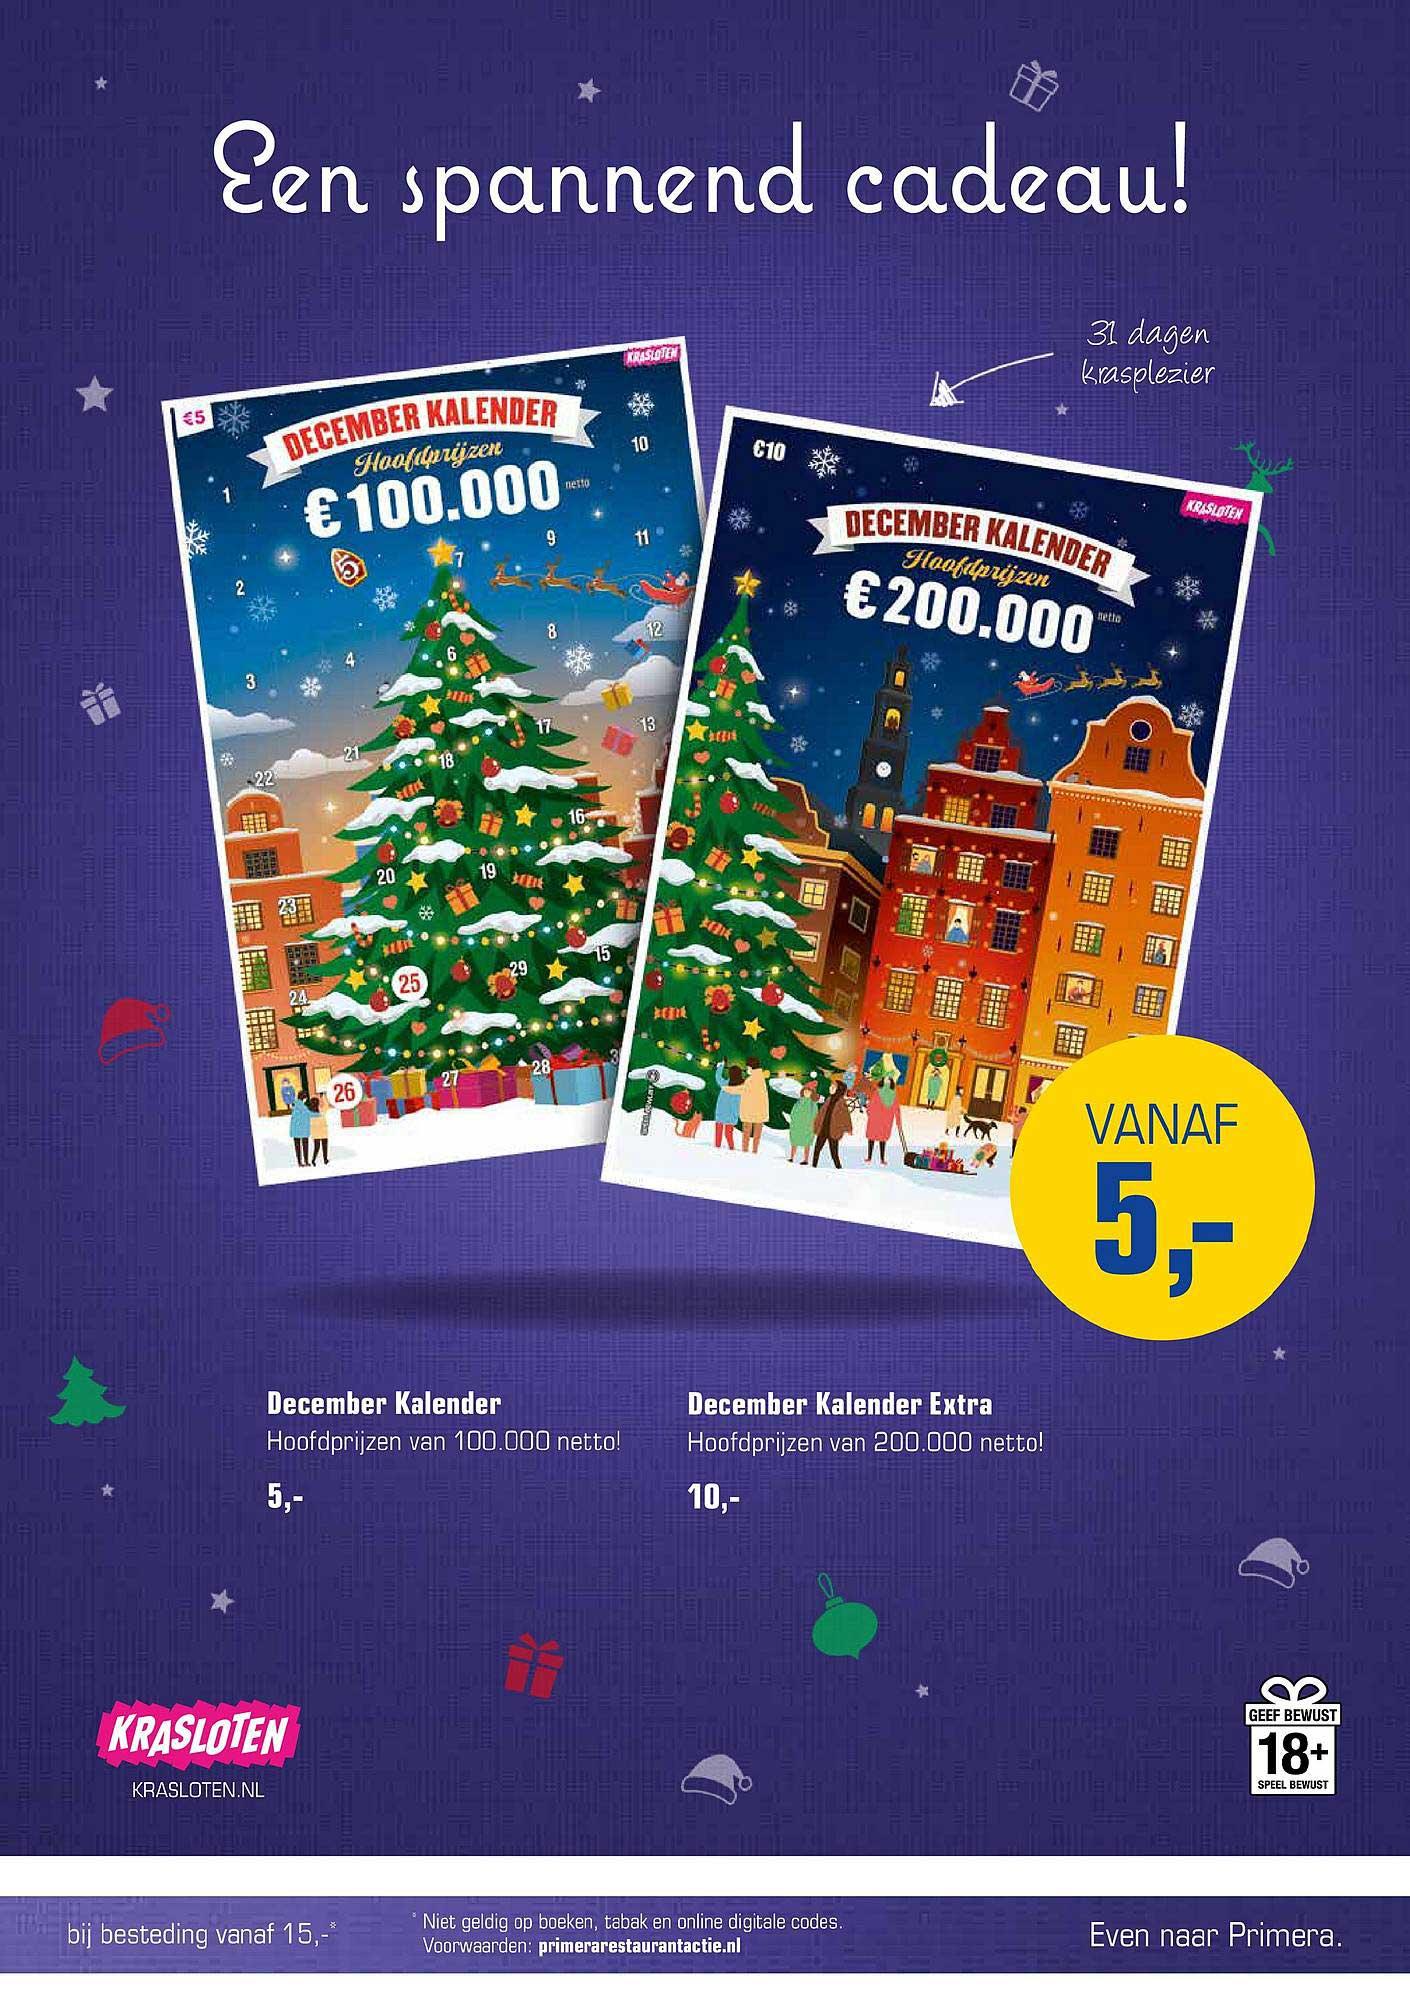 Primera December Kalender